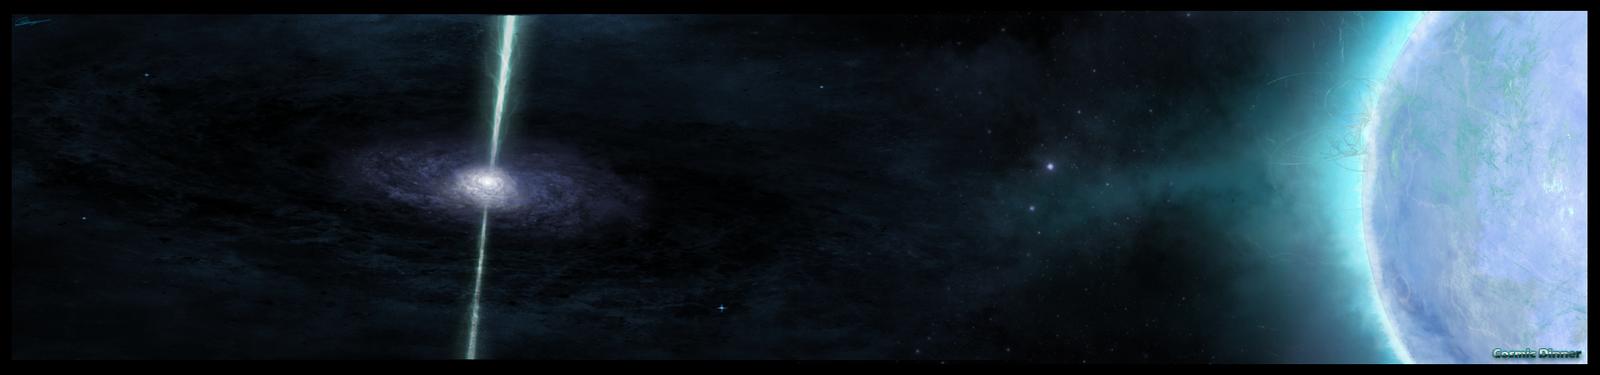 Cosmic dinner by DsVortex